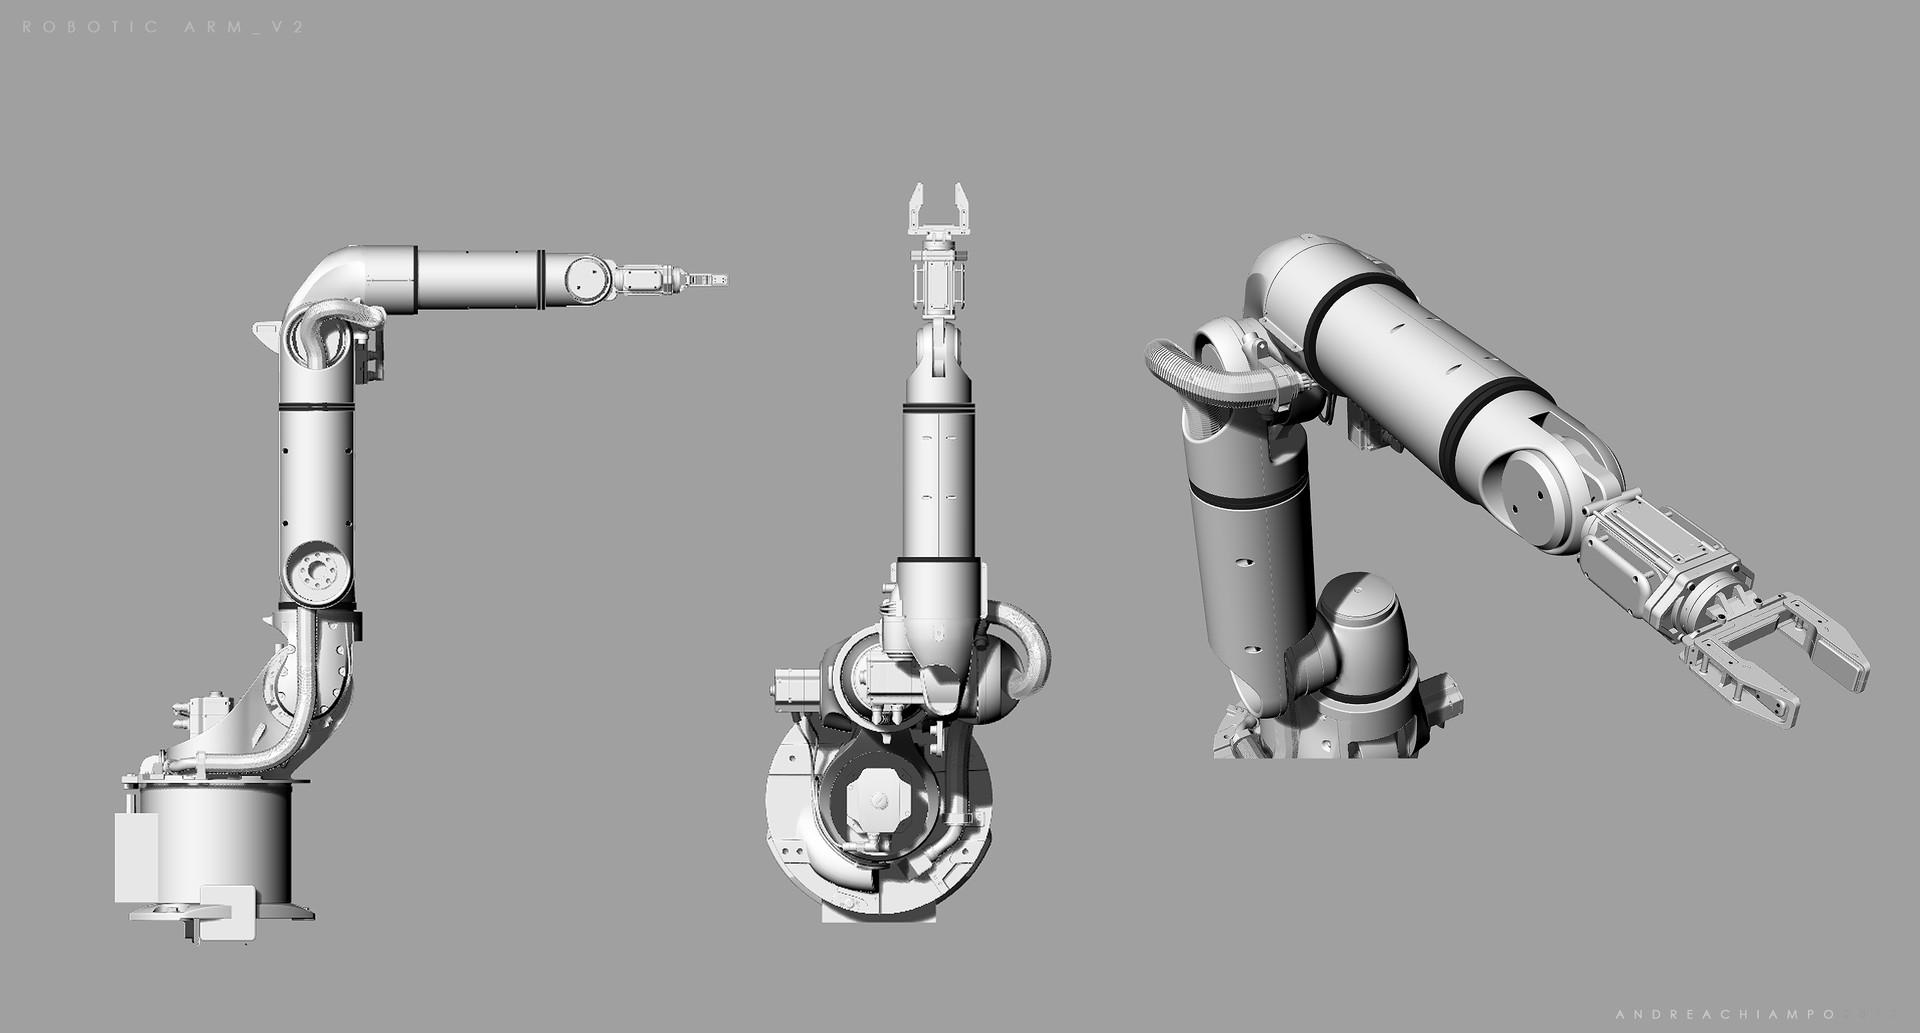 Andrea chiampo robotic arm v2 b